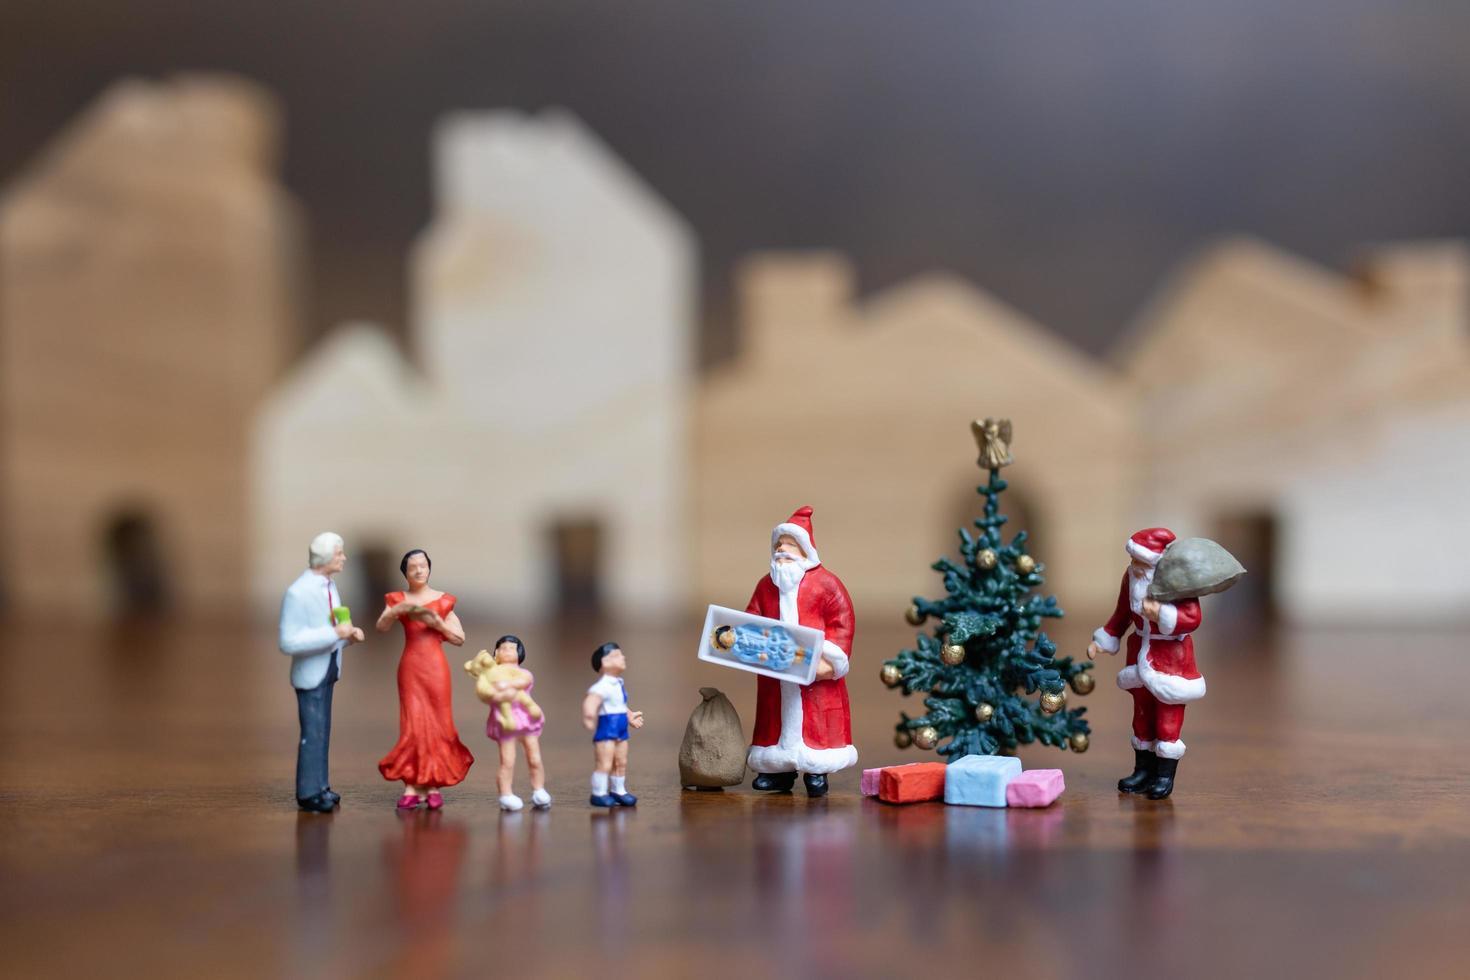 Père Noël miniature et une famille heureuse, joyeux Noël et bonne année concept photo